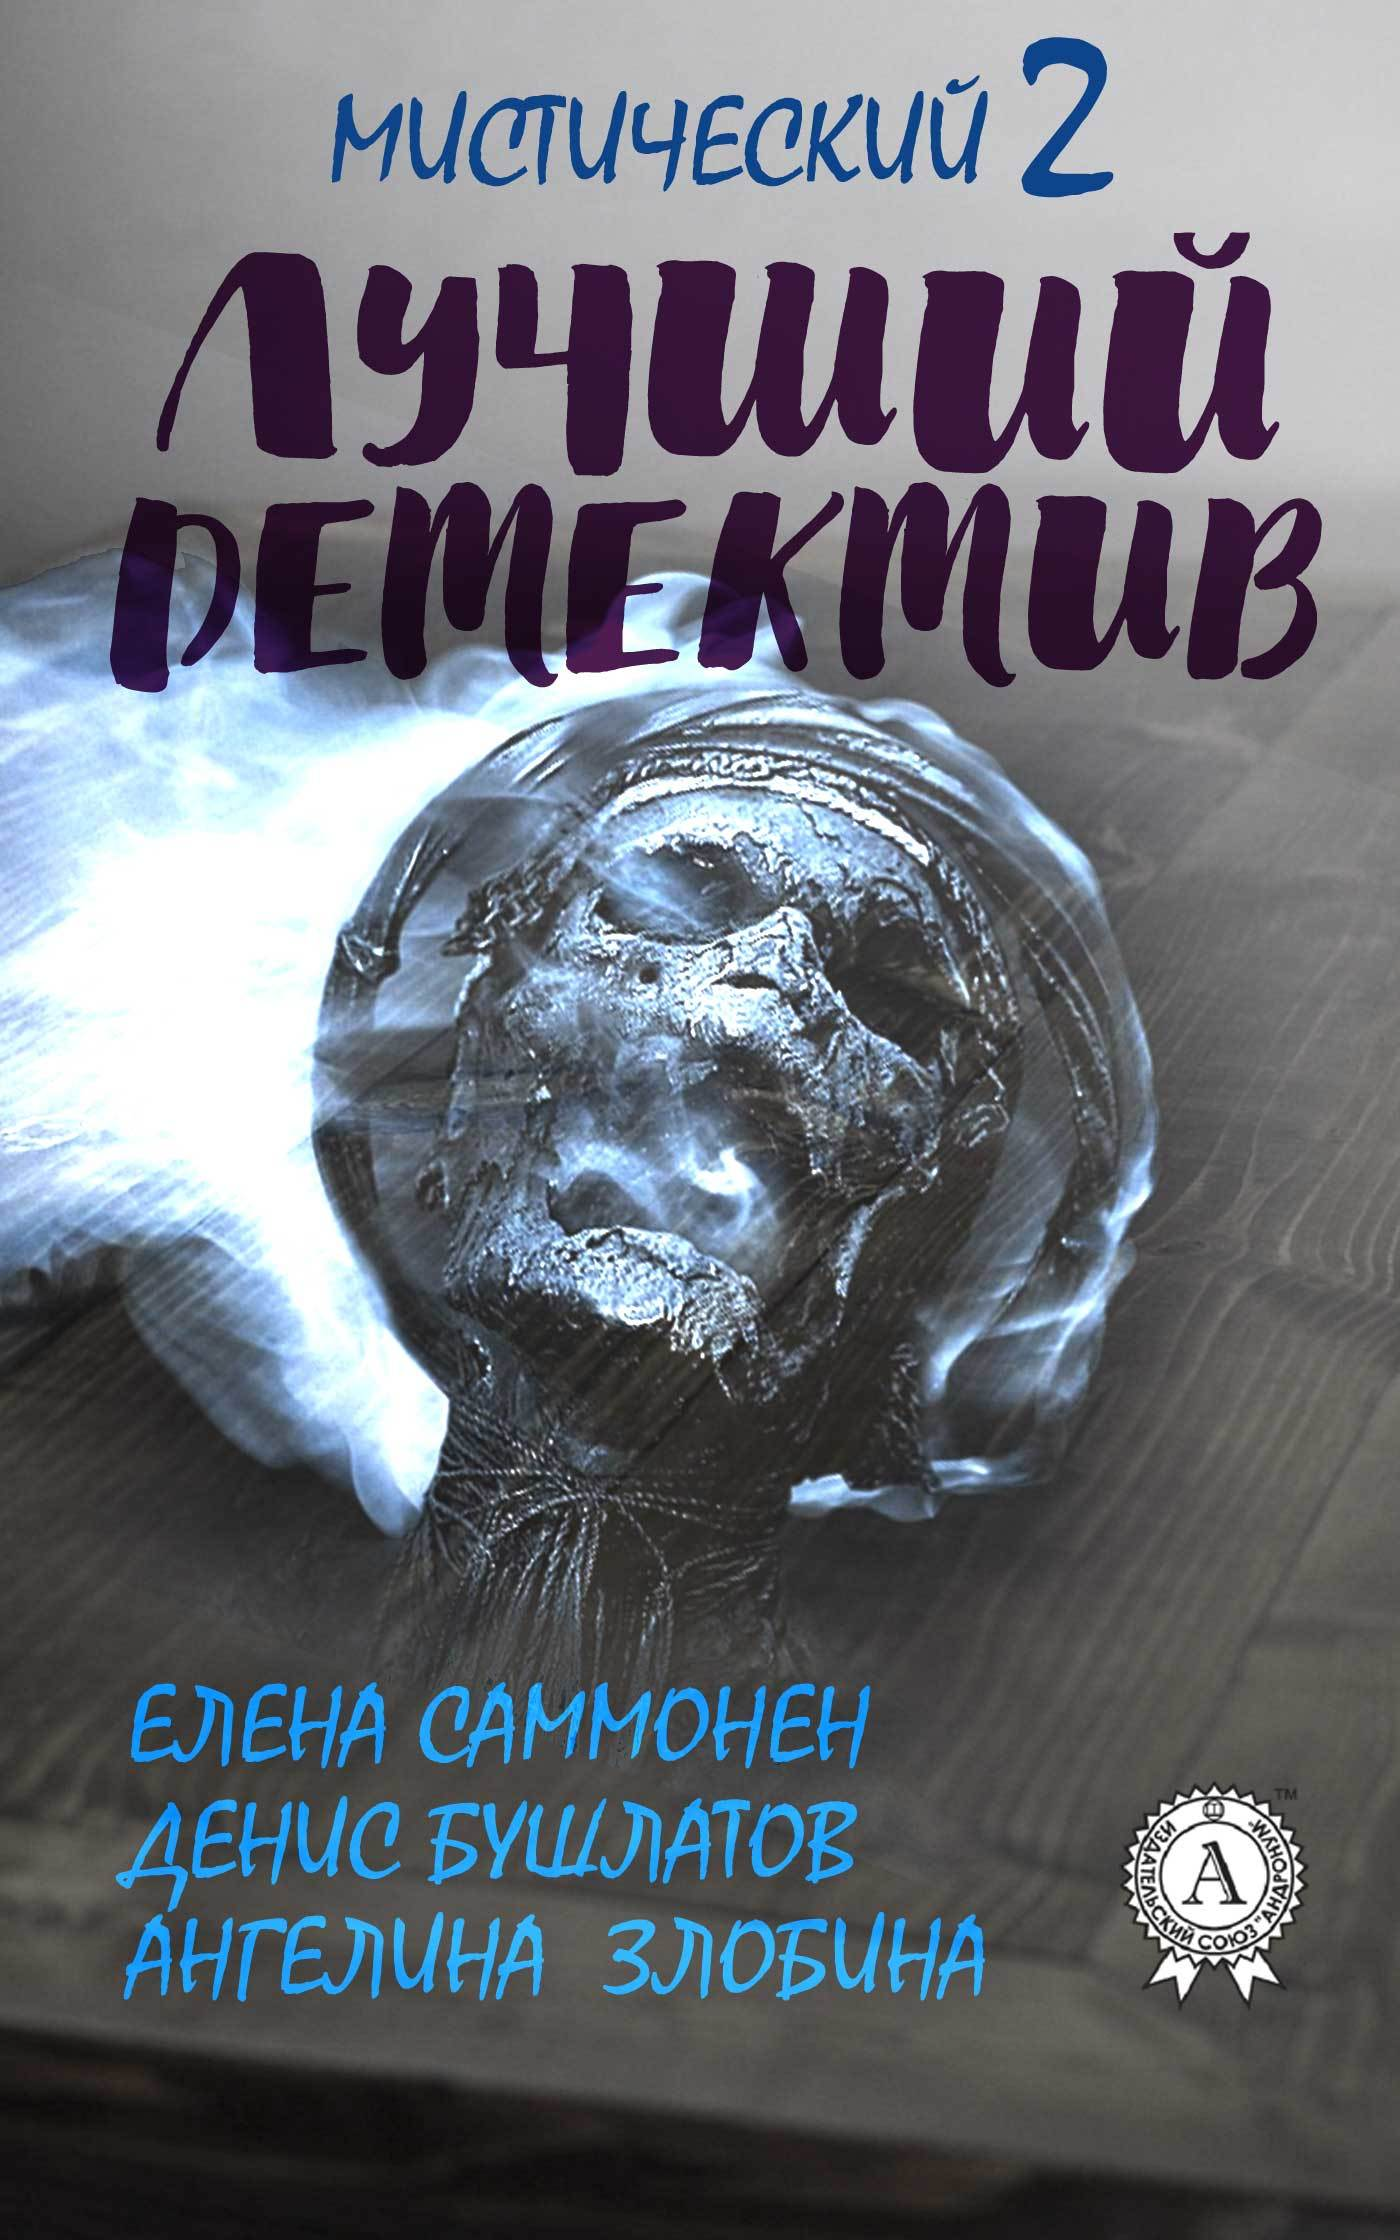 Ангелина Злобина Лучший мистический детектив – 2